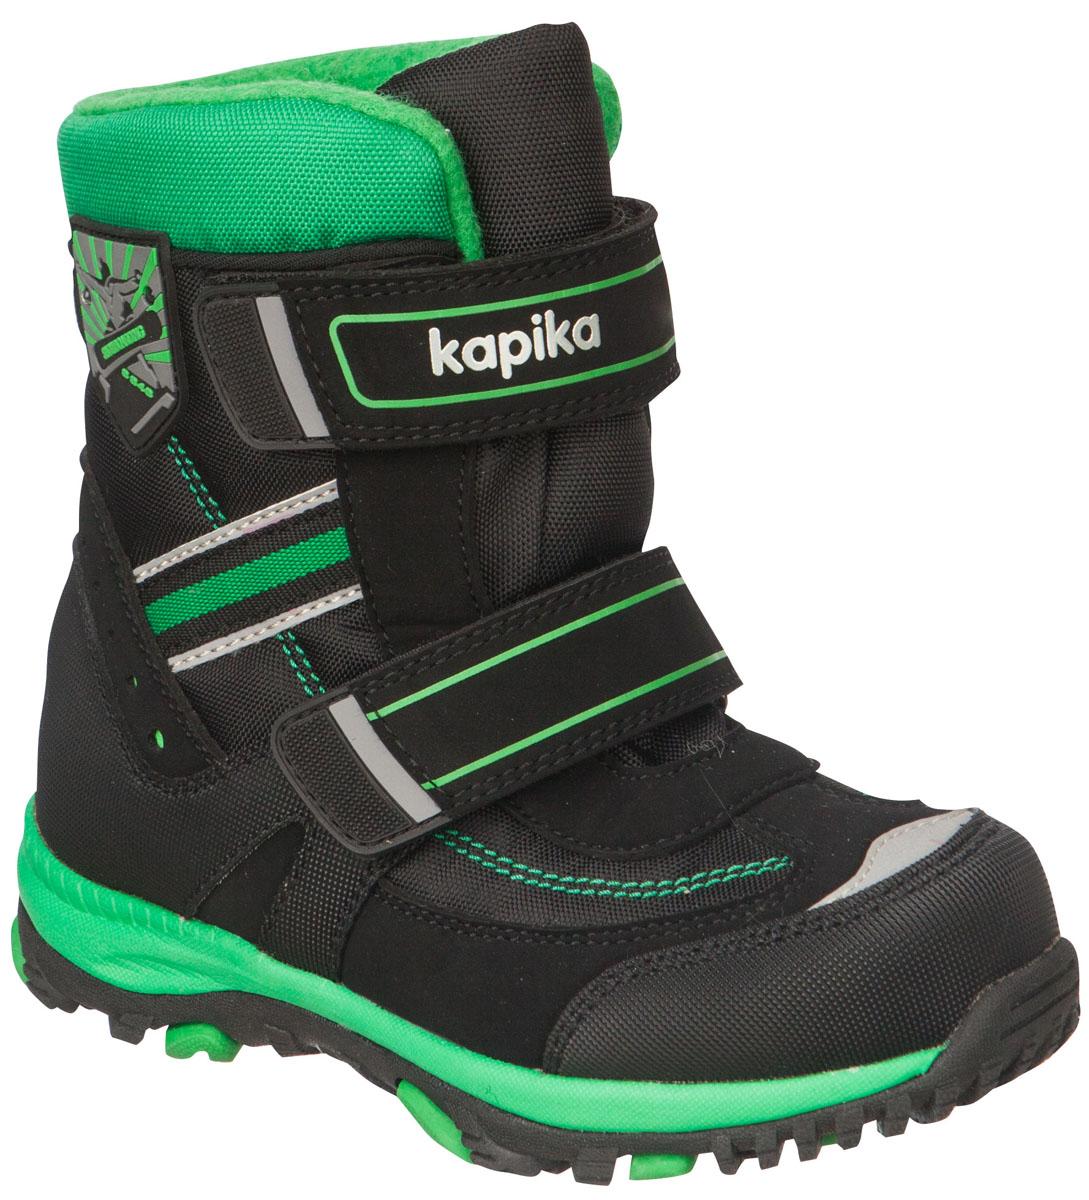 42180-1Легкие, удобные и теплые ботинки от Kapika выполнены из мембранных материалов и искусственной кожи. Два ремешка на застежках-липучках надежно фиксируют изделие на ноге. Мягкая подкладка и стелька из шерсти обеспечивают тепло, циркуляцию воздуха и сохраняют комфортный микроклимат в обуви. Подошва с протектором гарантирует идеальное сцепление с любыми поверхностями. Идеальная зимняя обувь для активных детей. Модель большемерит на 1 размер.